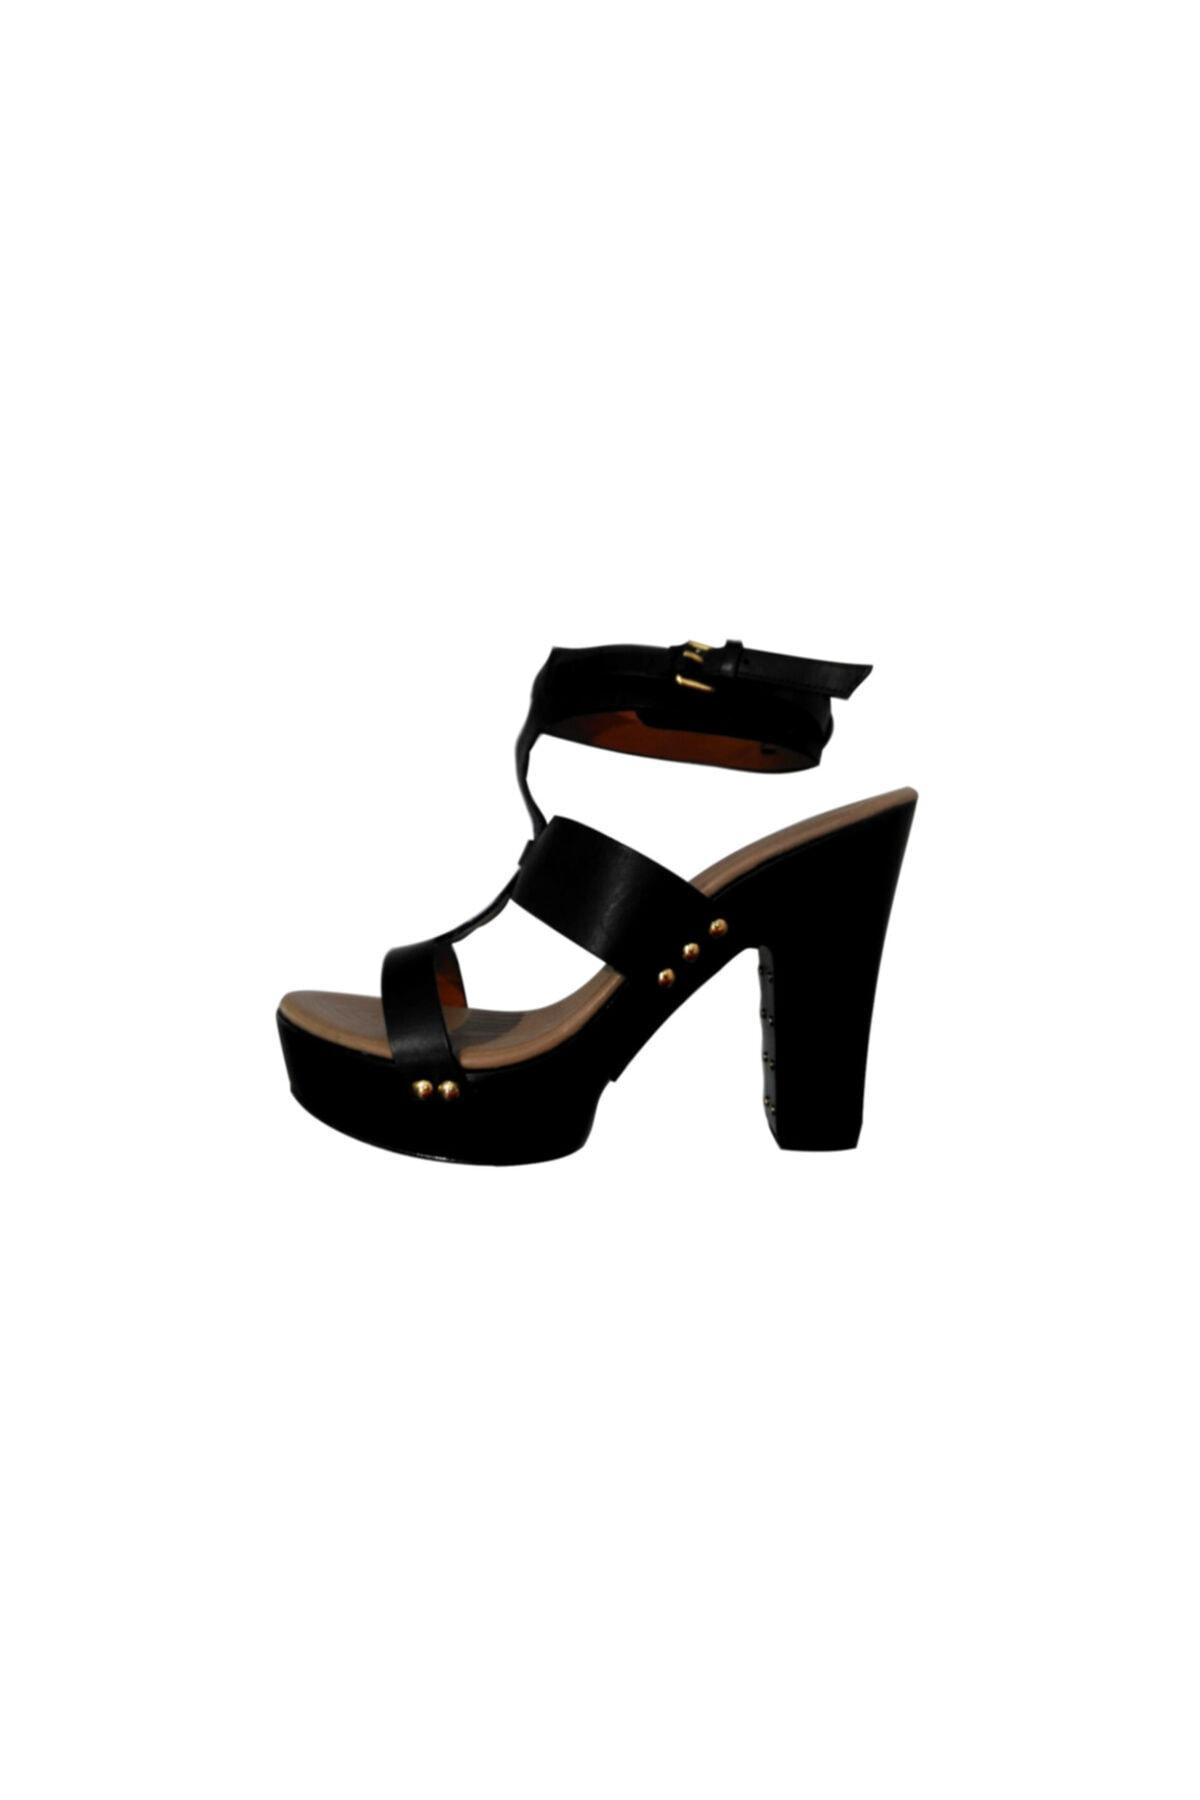 Givenchy Kadın Topuklu Sandalet Siyah 515822 1